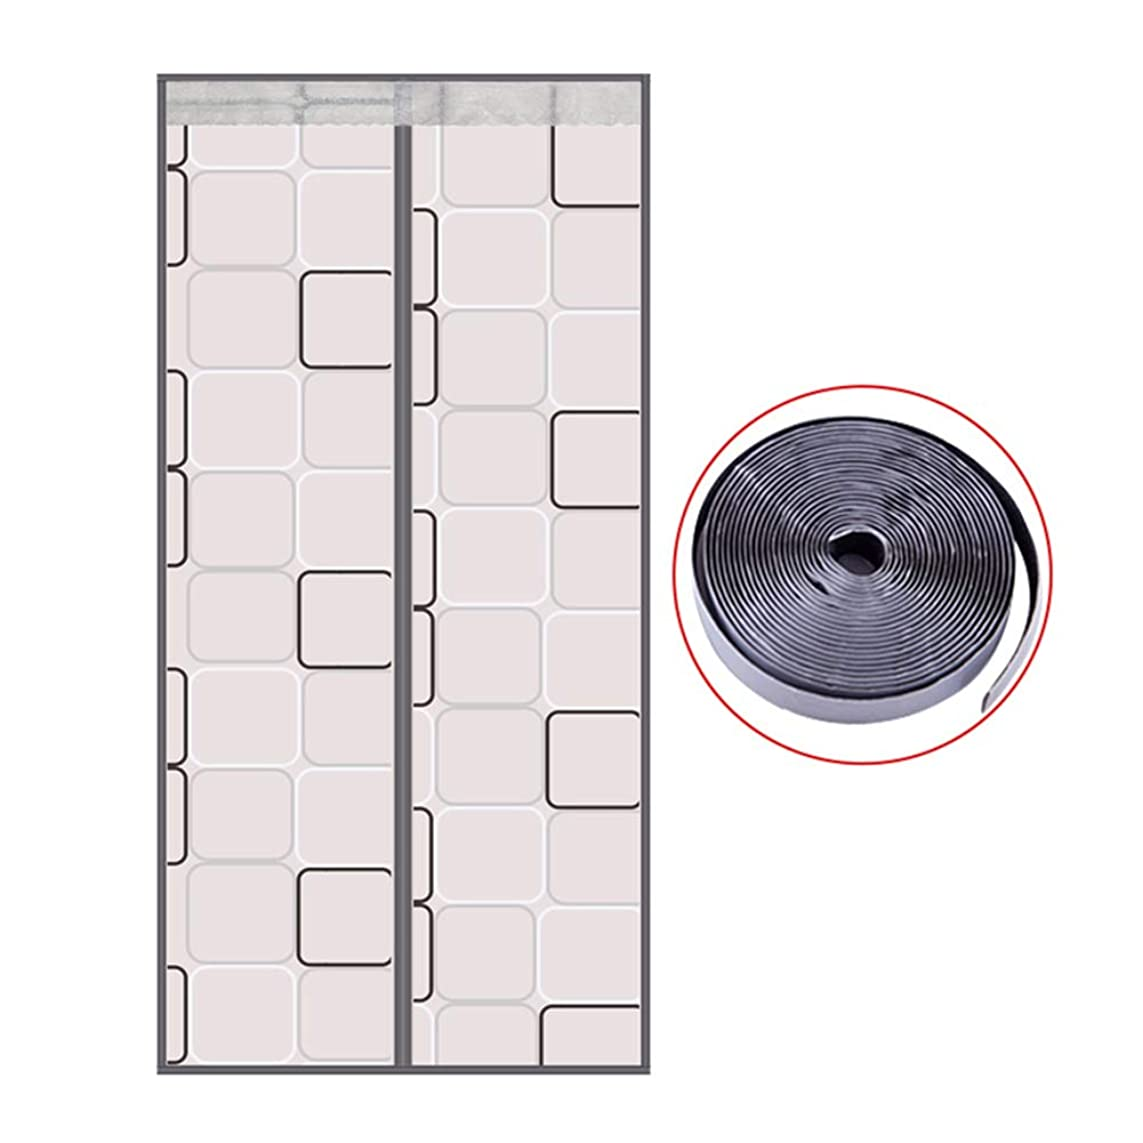 協定遺伝子シビックWUFENG 網戸 蚊取り 高密度 メッシュ 断つ パンチフリー アンチダスト タペストリー ドアカーテン フルフレームマジック接着剤 ホーム、 2つのスタイル (Color : A, Size : 120x210cm)